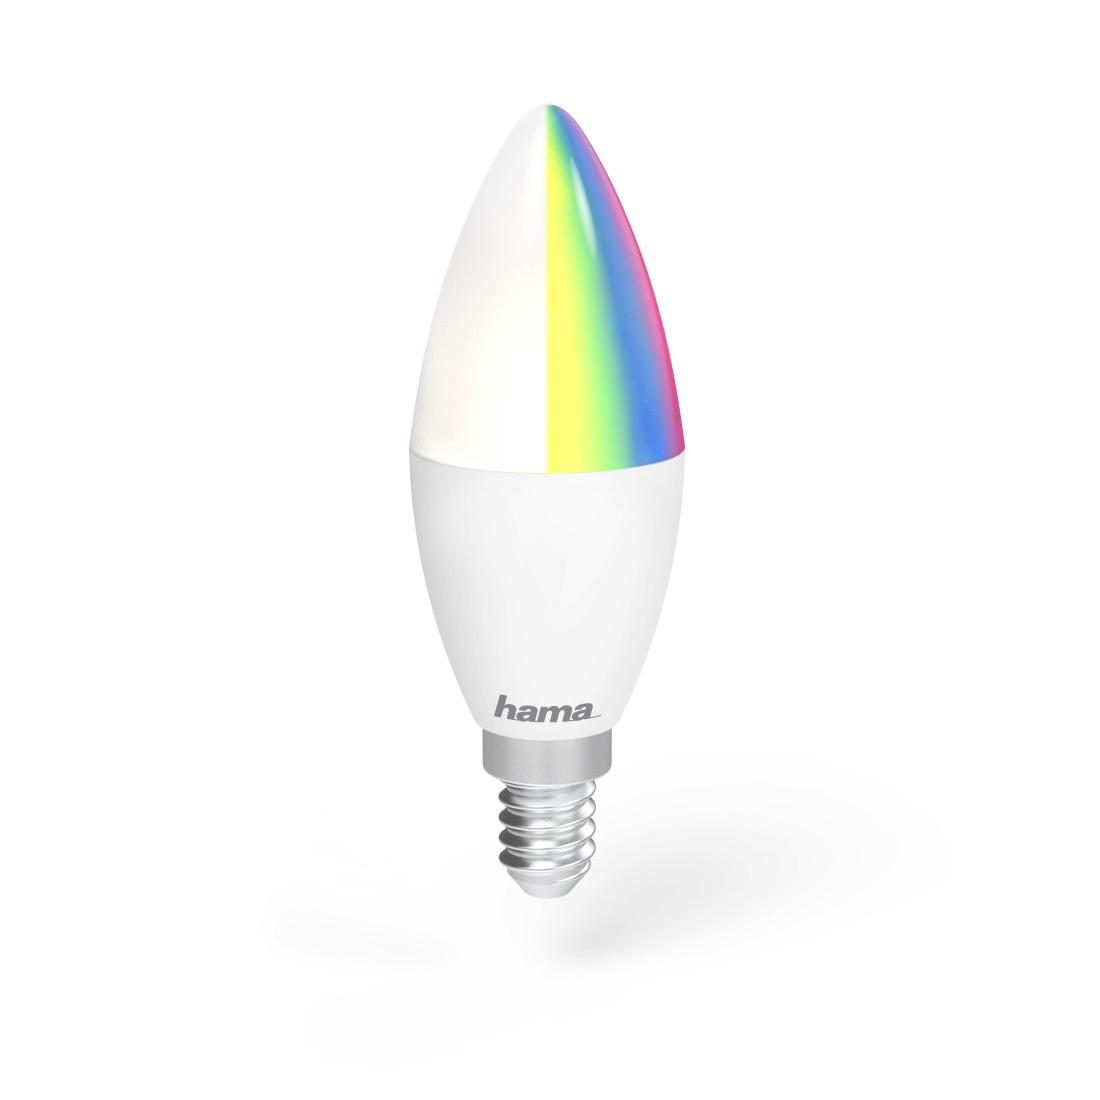 Димираща RGB крушка HAMA WiFi-LED, 4.5W, E14, 350 lm